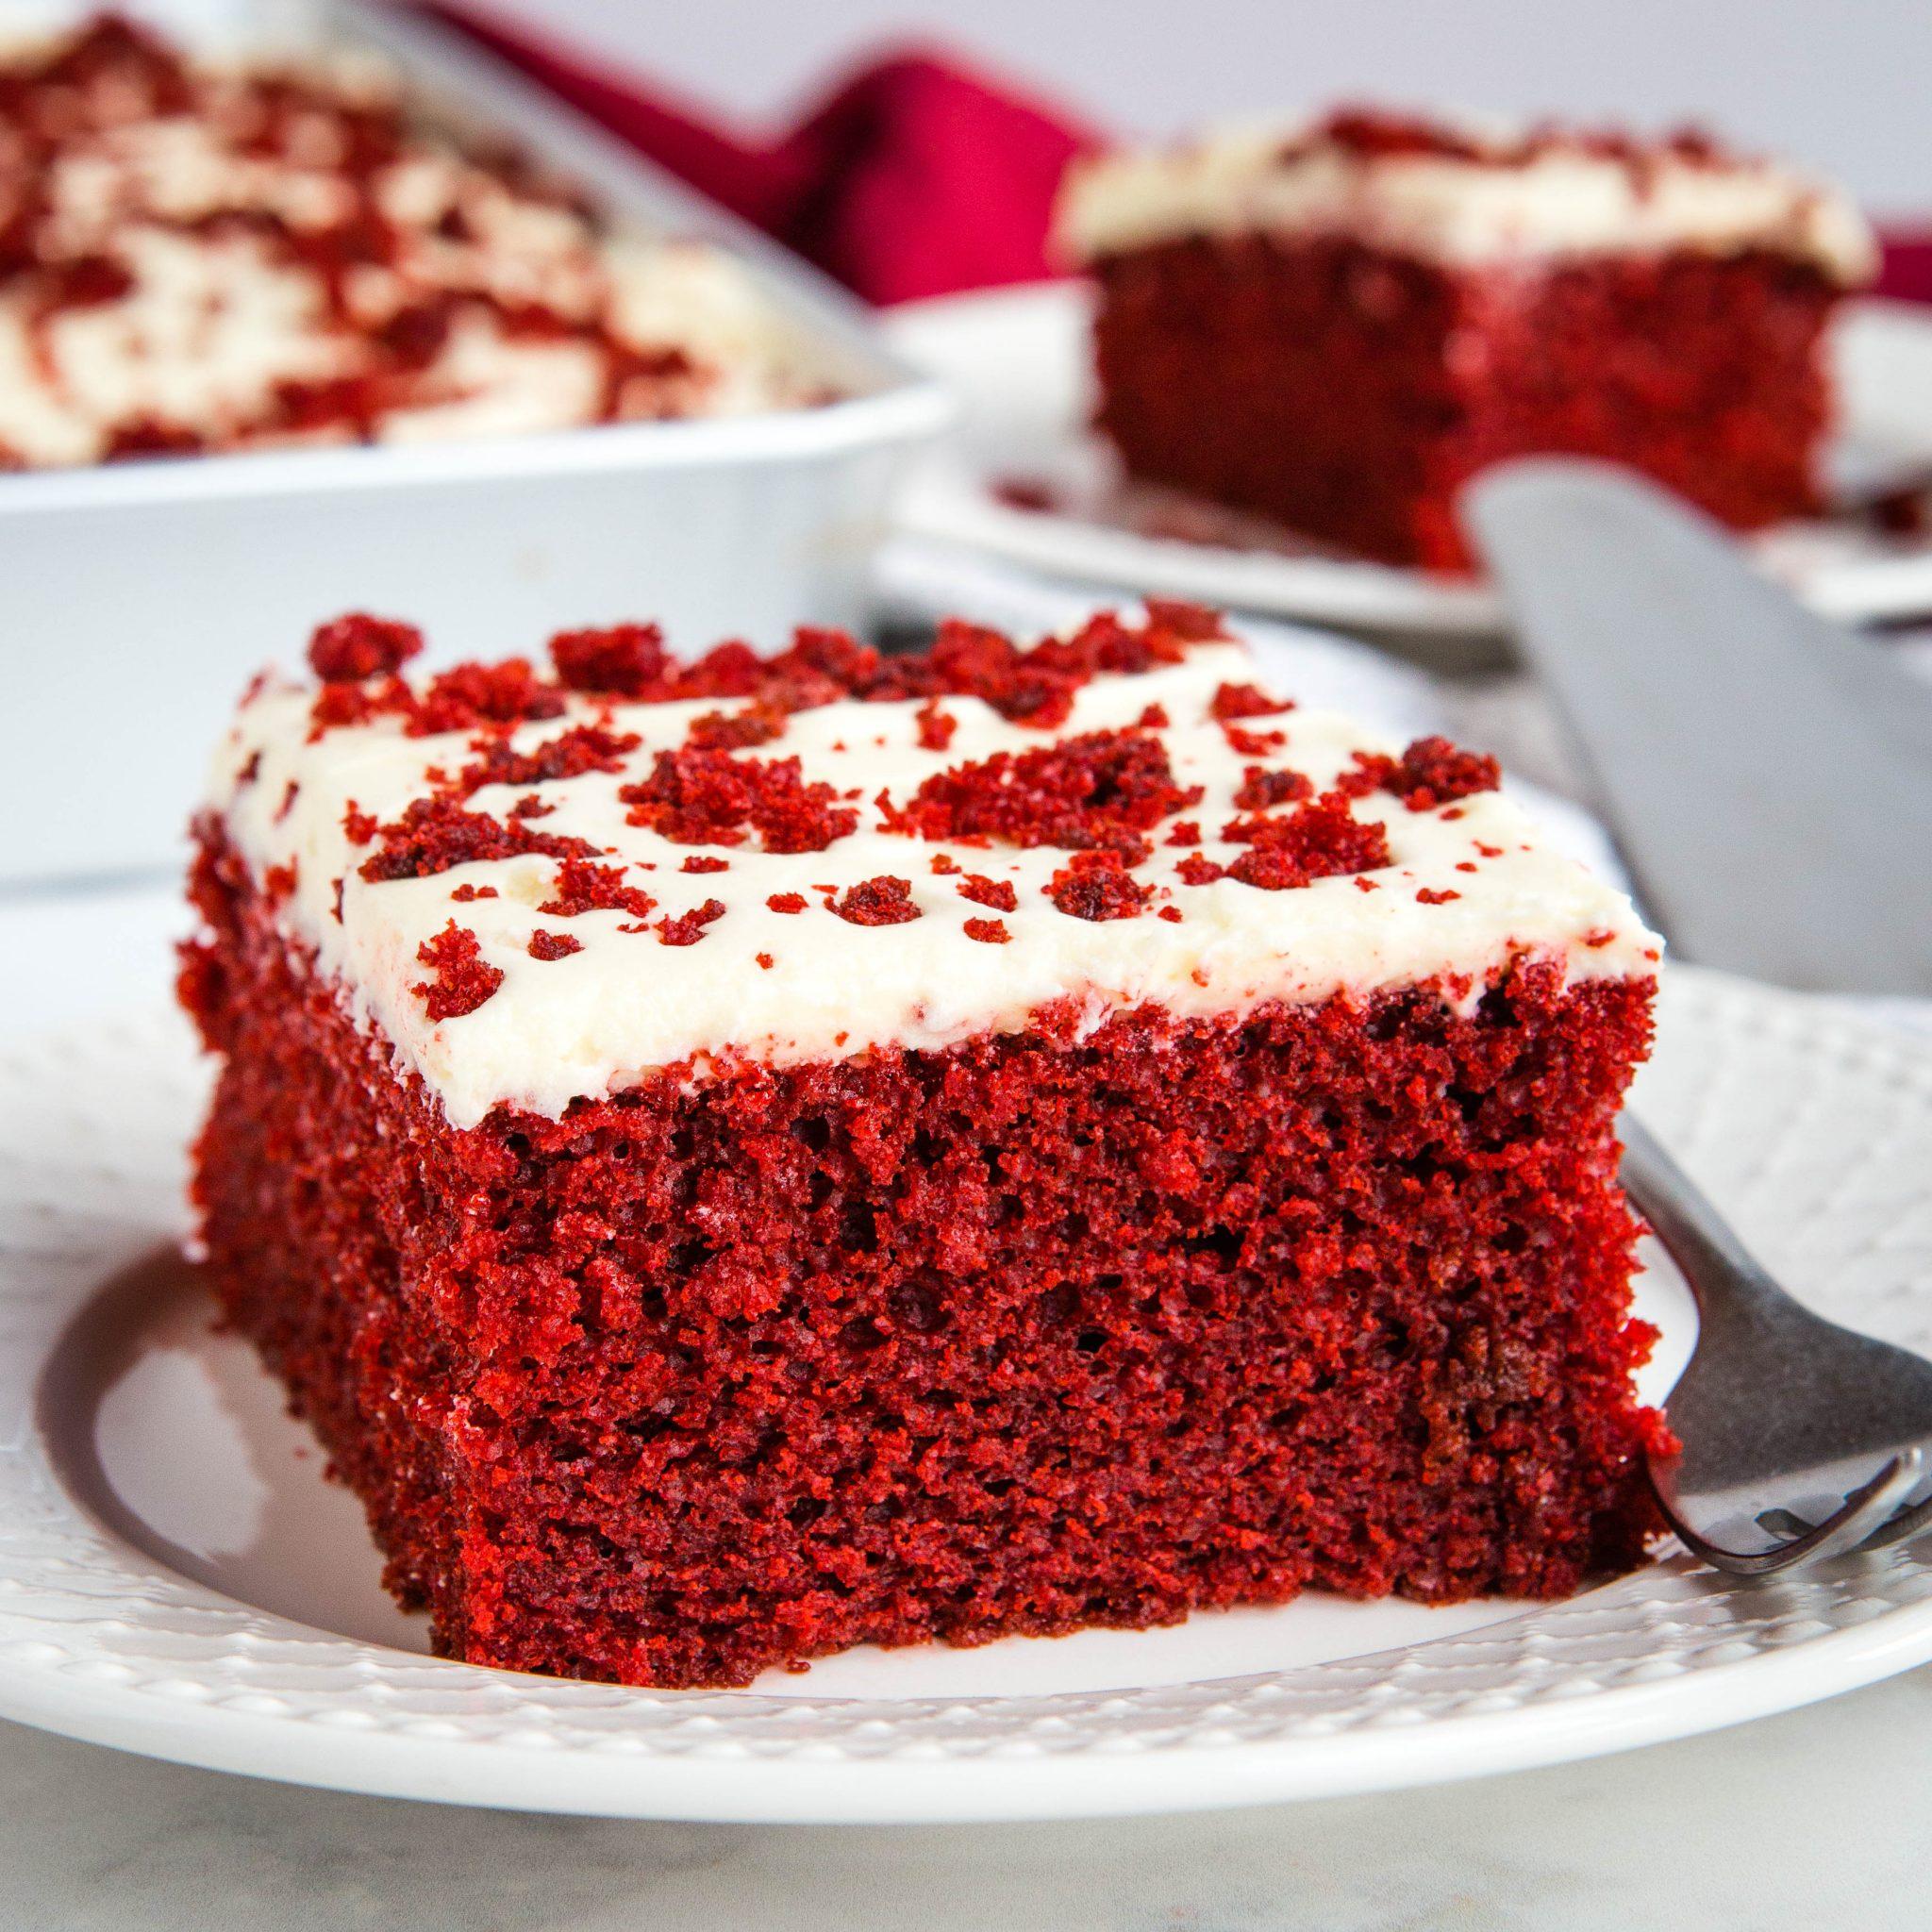 Homemade Red Velvet Cake One Bowl Recipe The Busy Baker